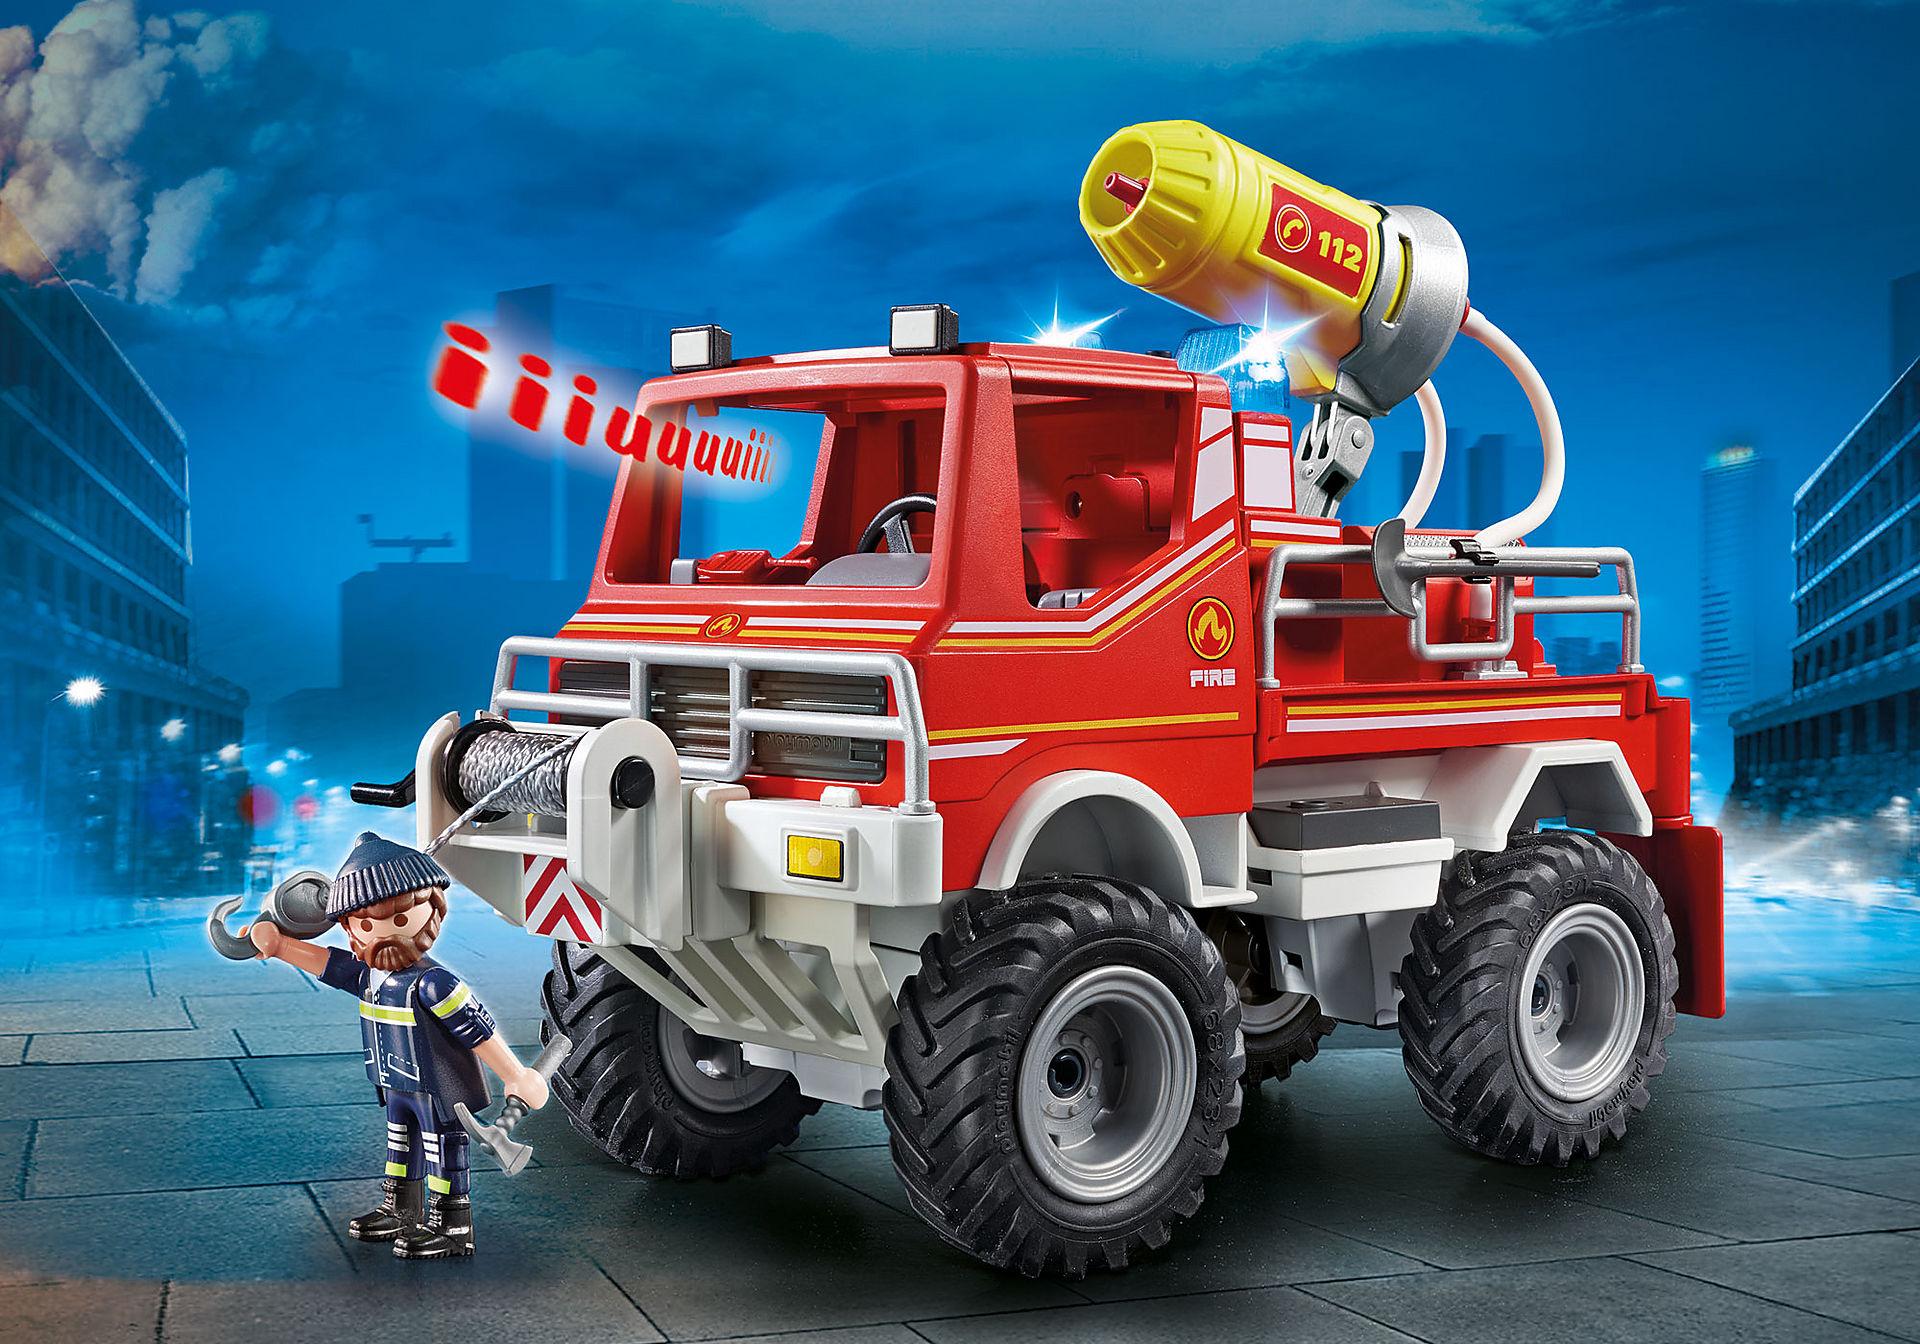 9466 Όχημα Πυροσβεστικής με τροχαλία ρυμούλκησης zoom image1